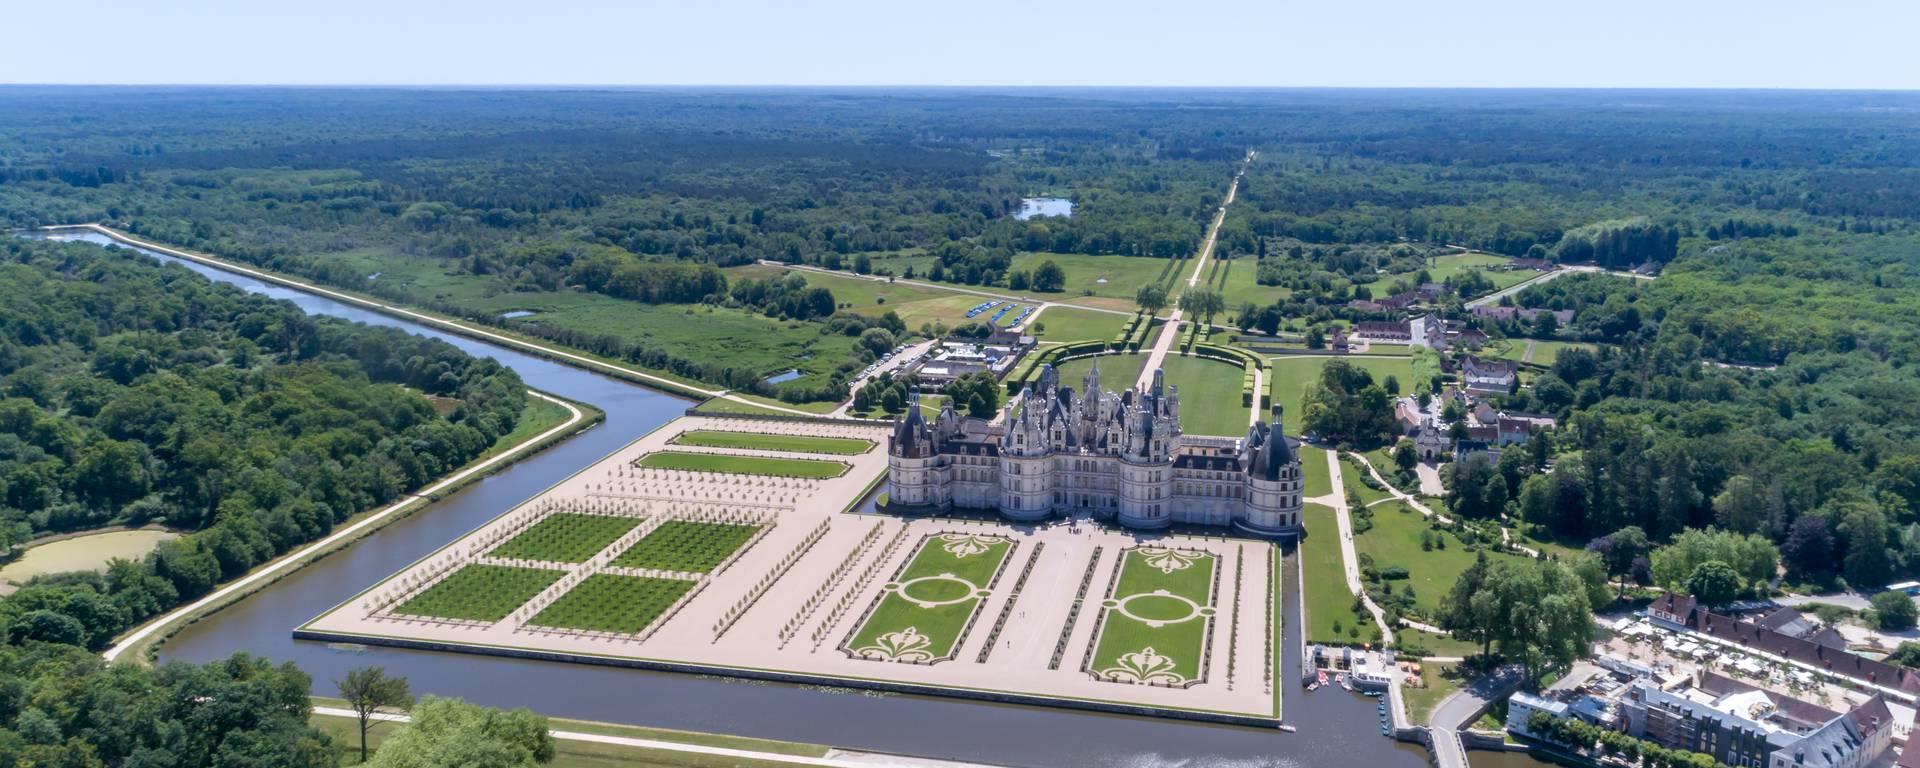 Vista aerea dei giardini di Chambord